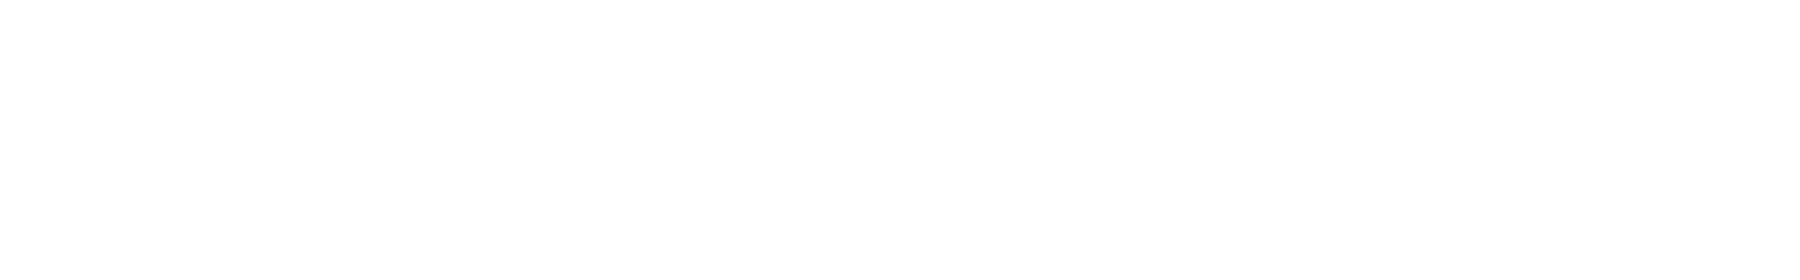 mixed alzheimer1 128